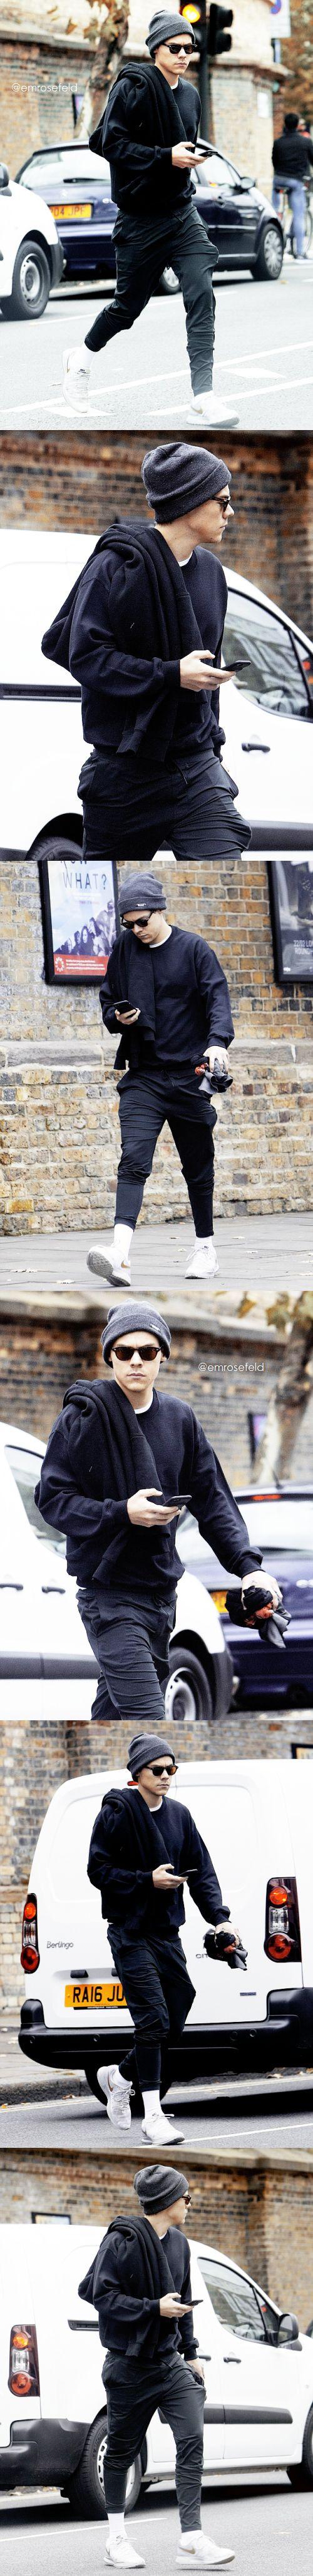 Harry Styles   in London 10.24.17   emrosefeld  